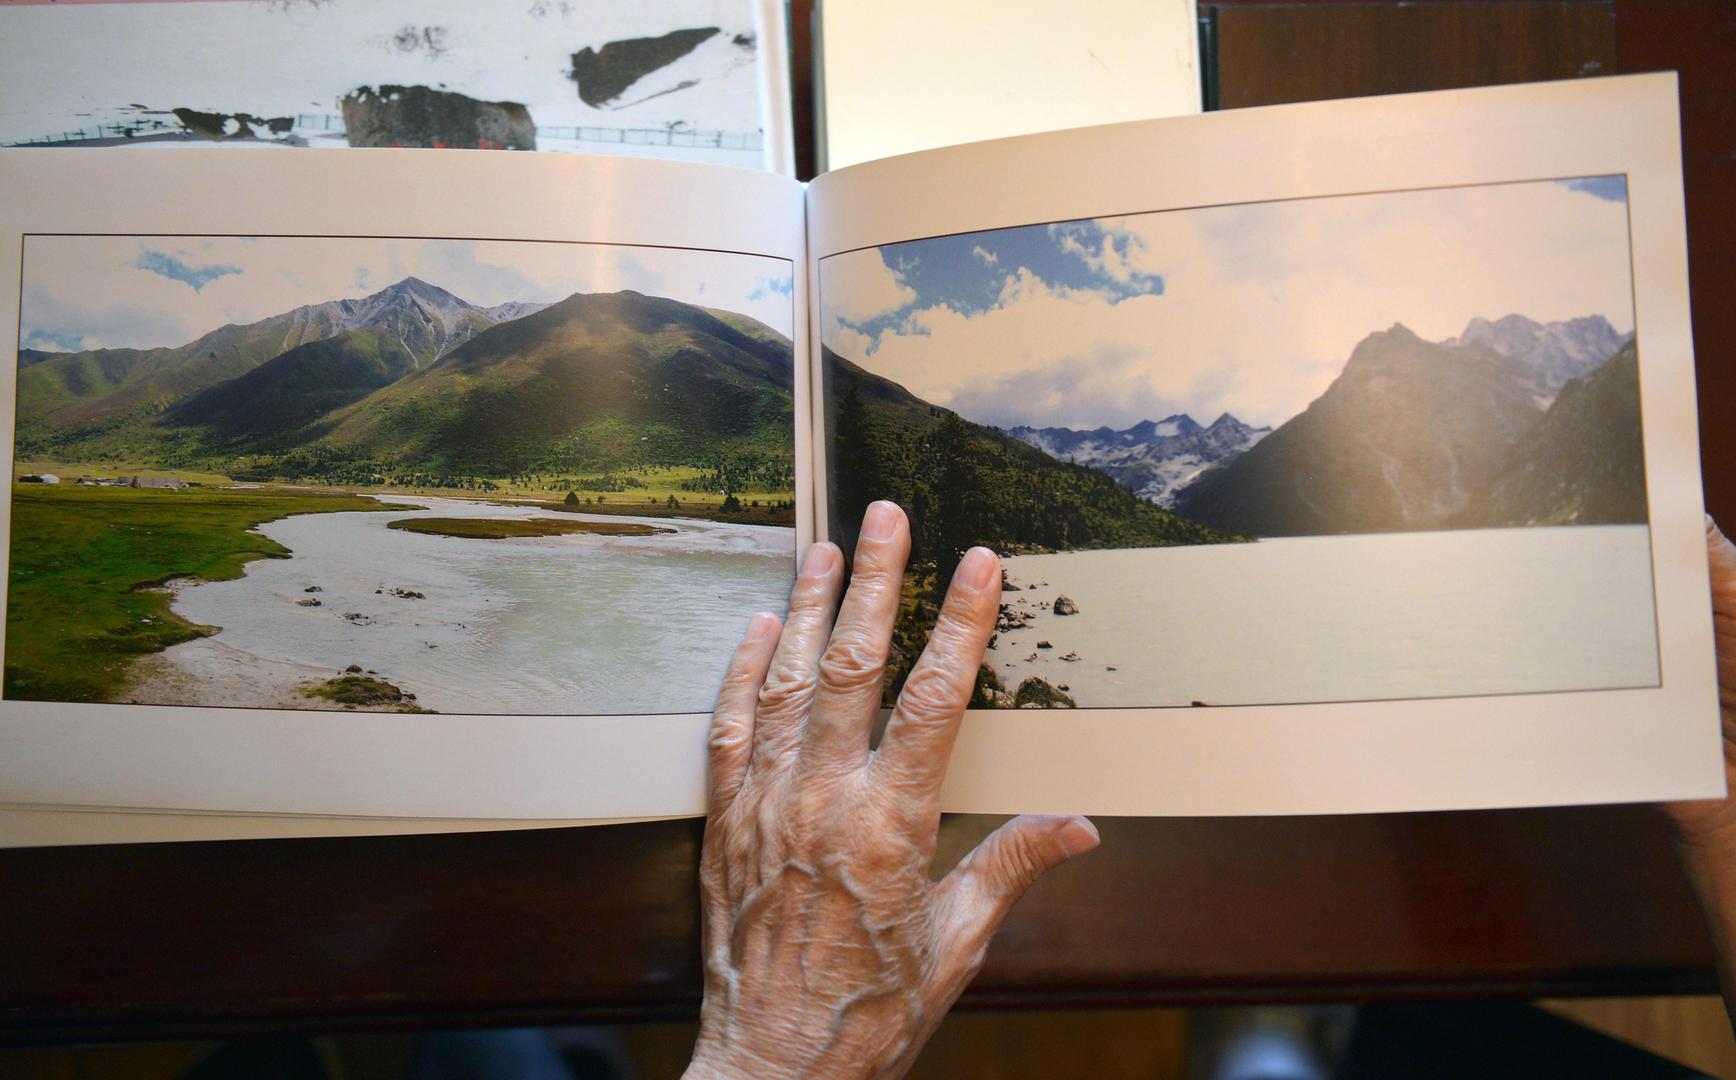 73岁学生集齐15本川西风光相册 10余年带83岁老师旅游